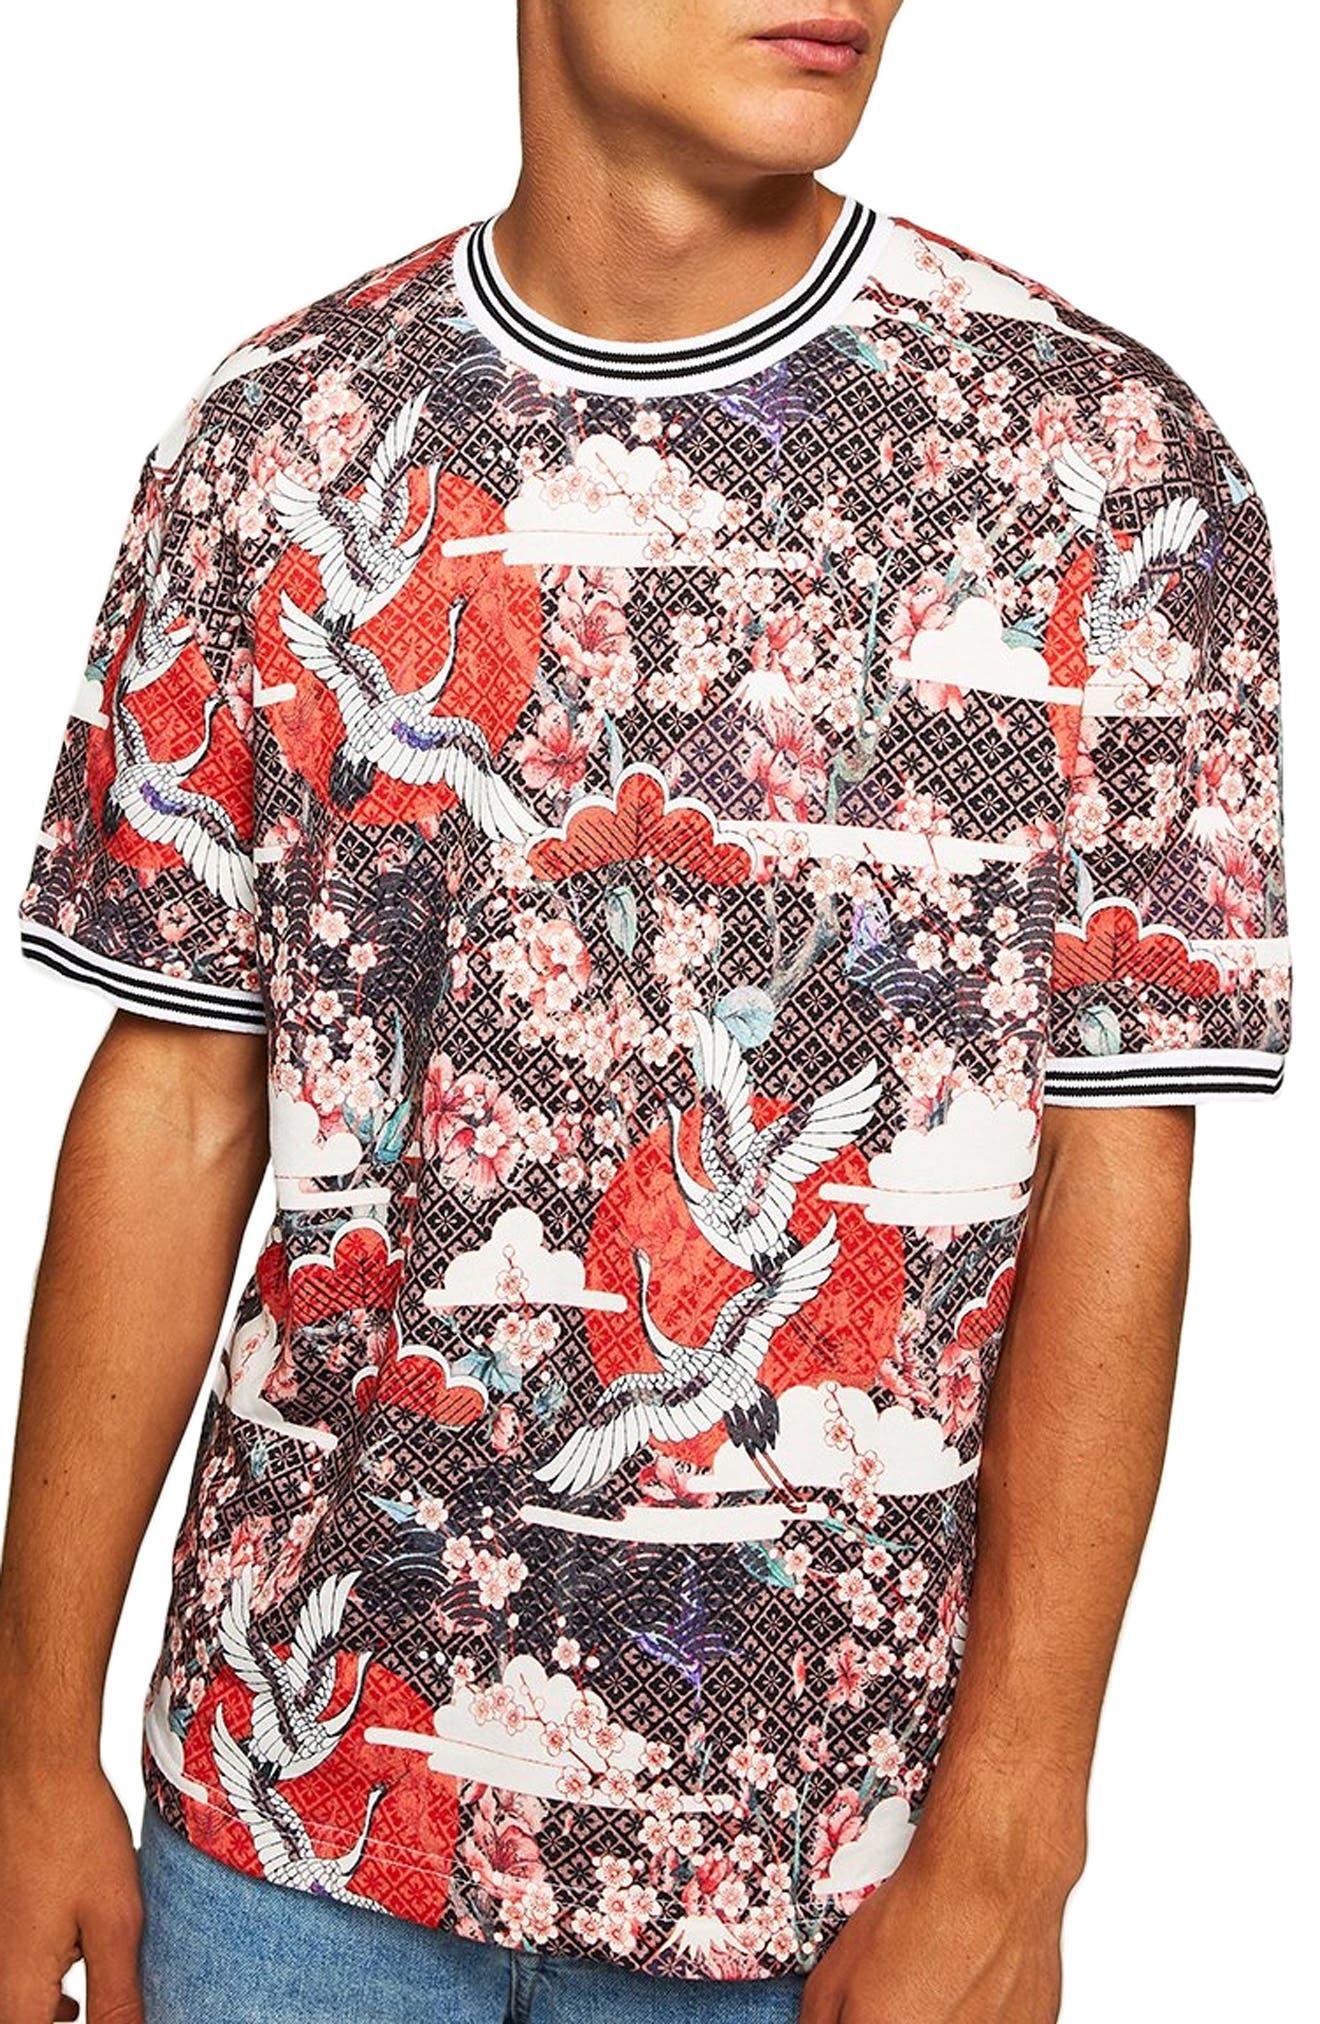 Topman Japanese Tile Print Short Sleeve Sweatshirt, Red